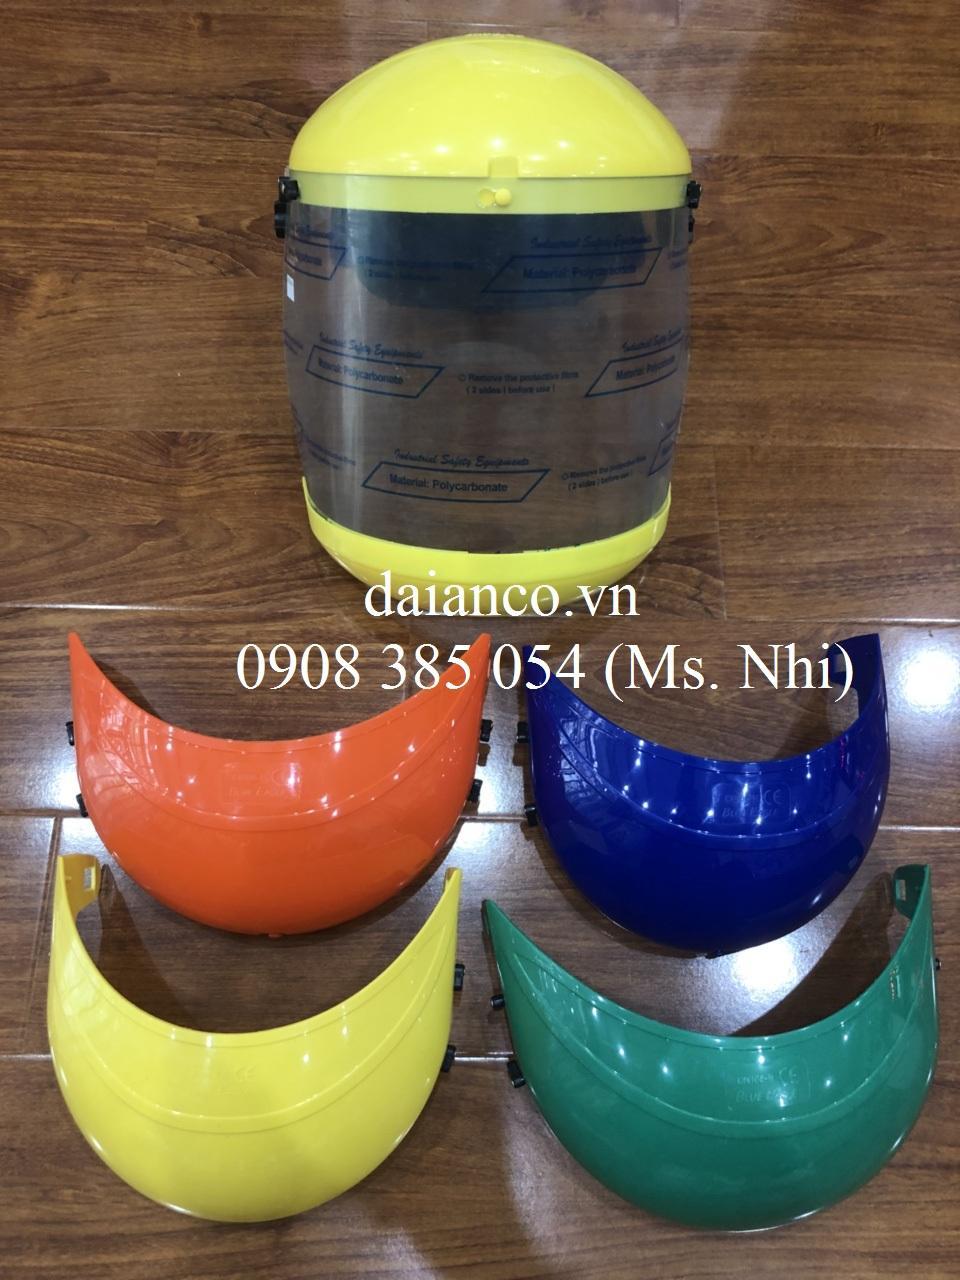 [HCM]Bộ sản phẩm mặt nạ mài cắt Blue Eagle Đài Loan B1+FC83+C3YE - Hình thật- Hàng có sẵn